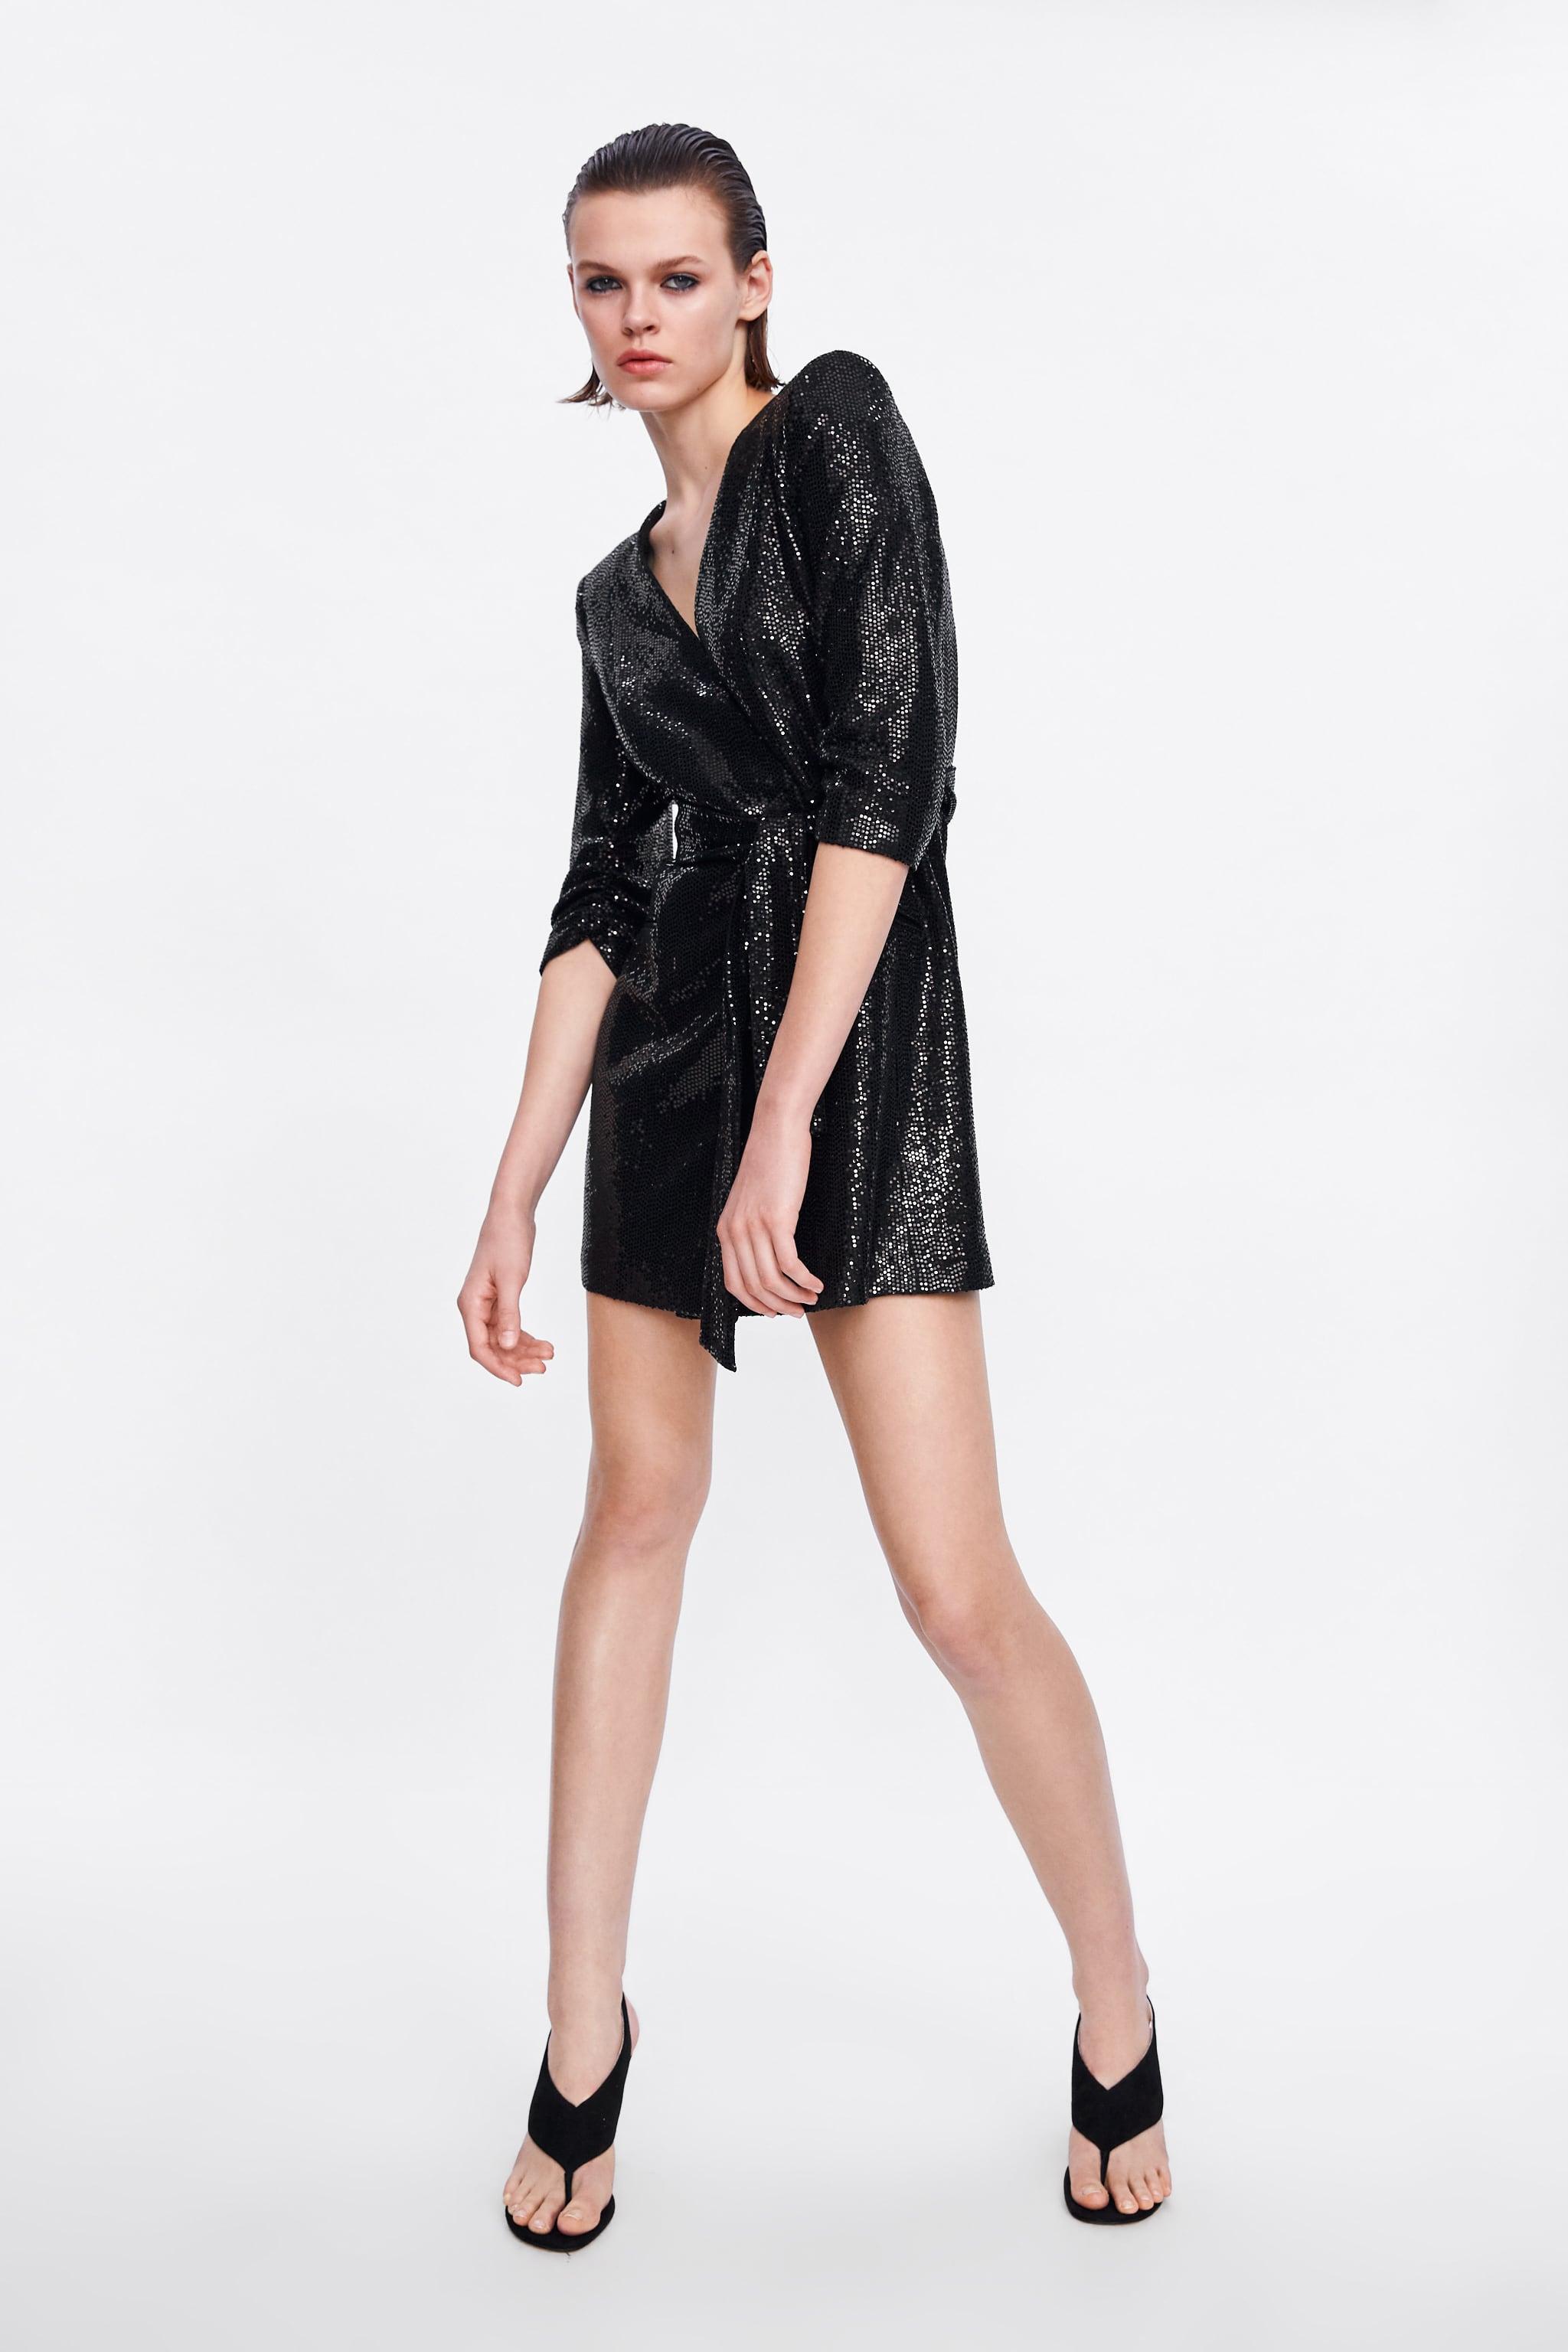 667eb1c68739e Zara SHINY BLAZER DRESS